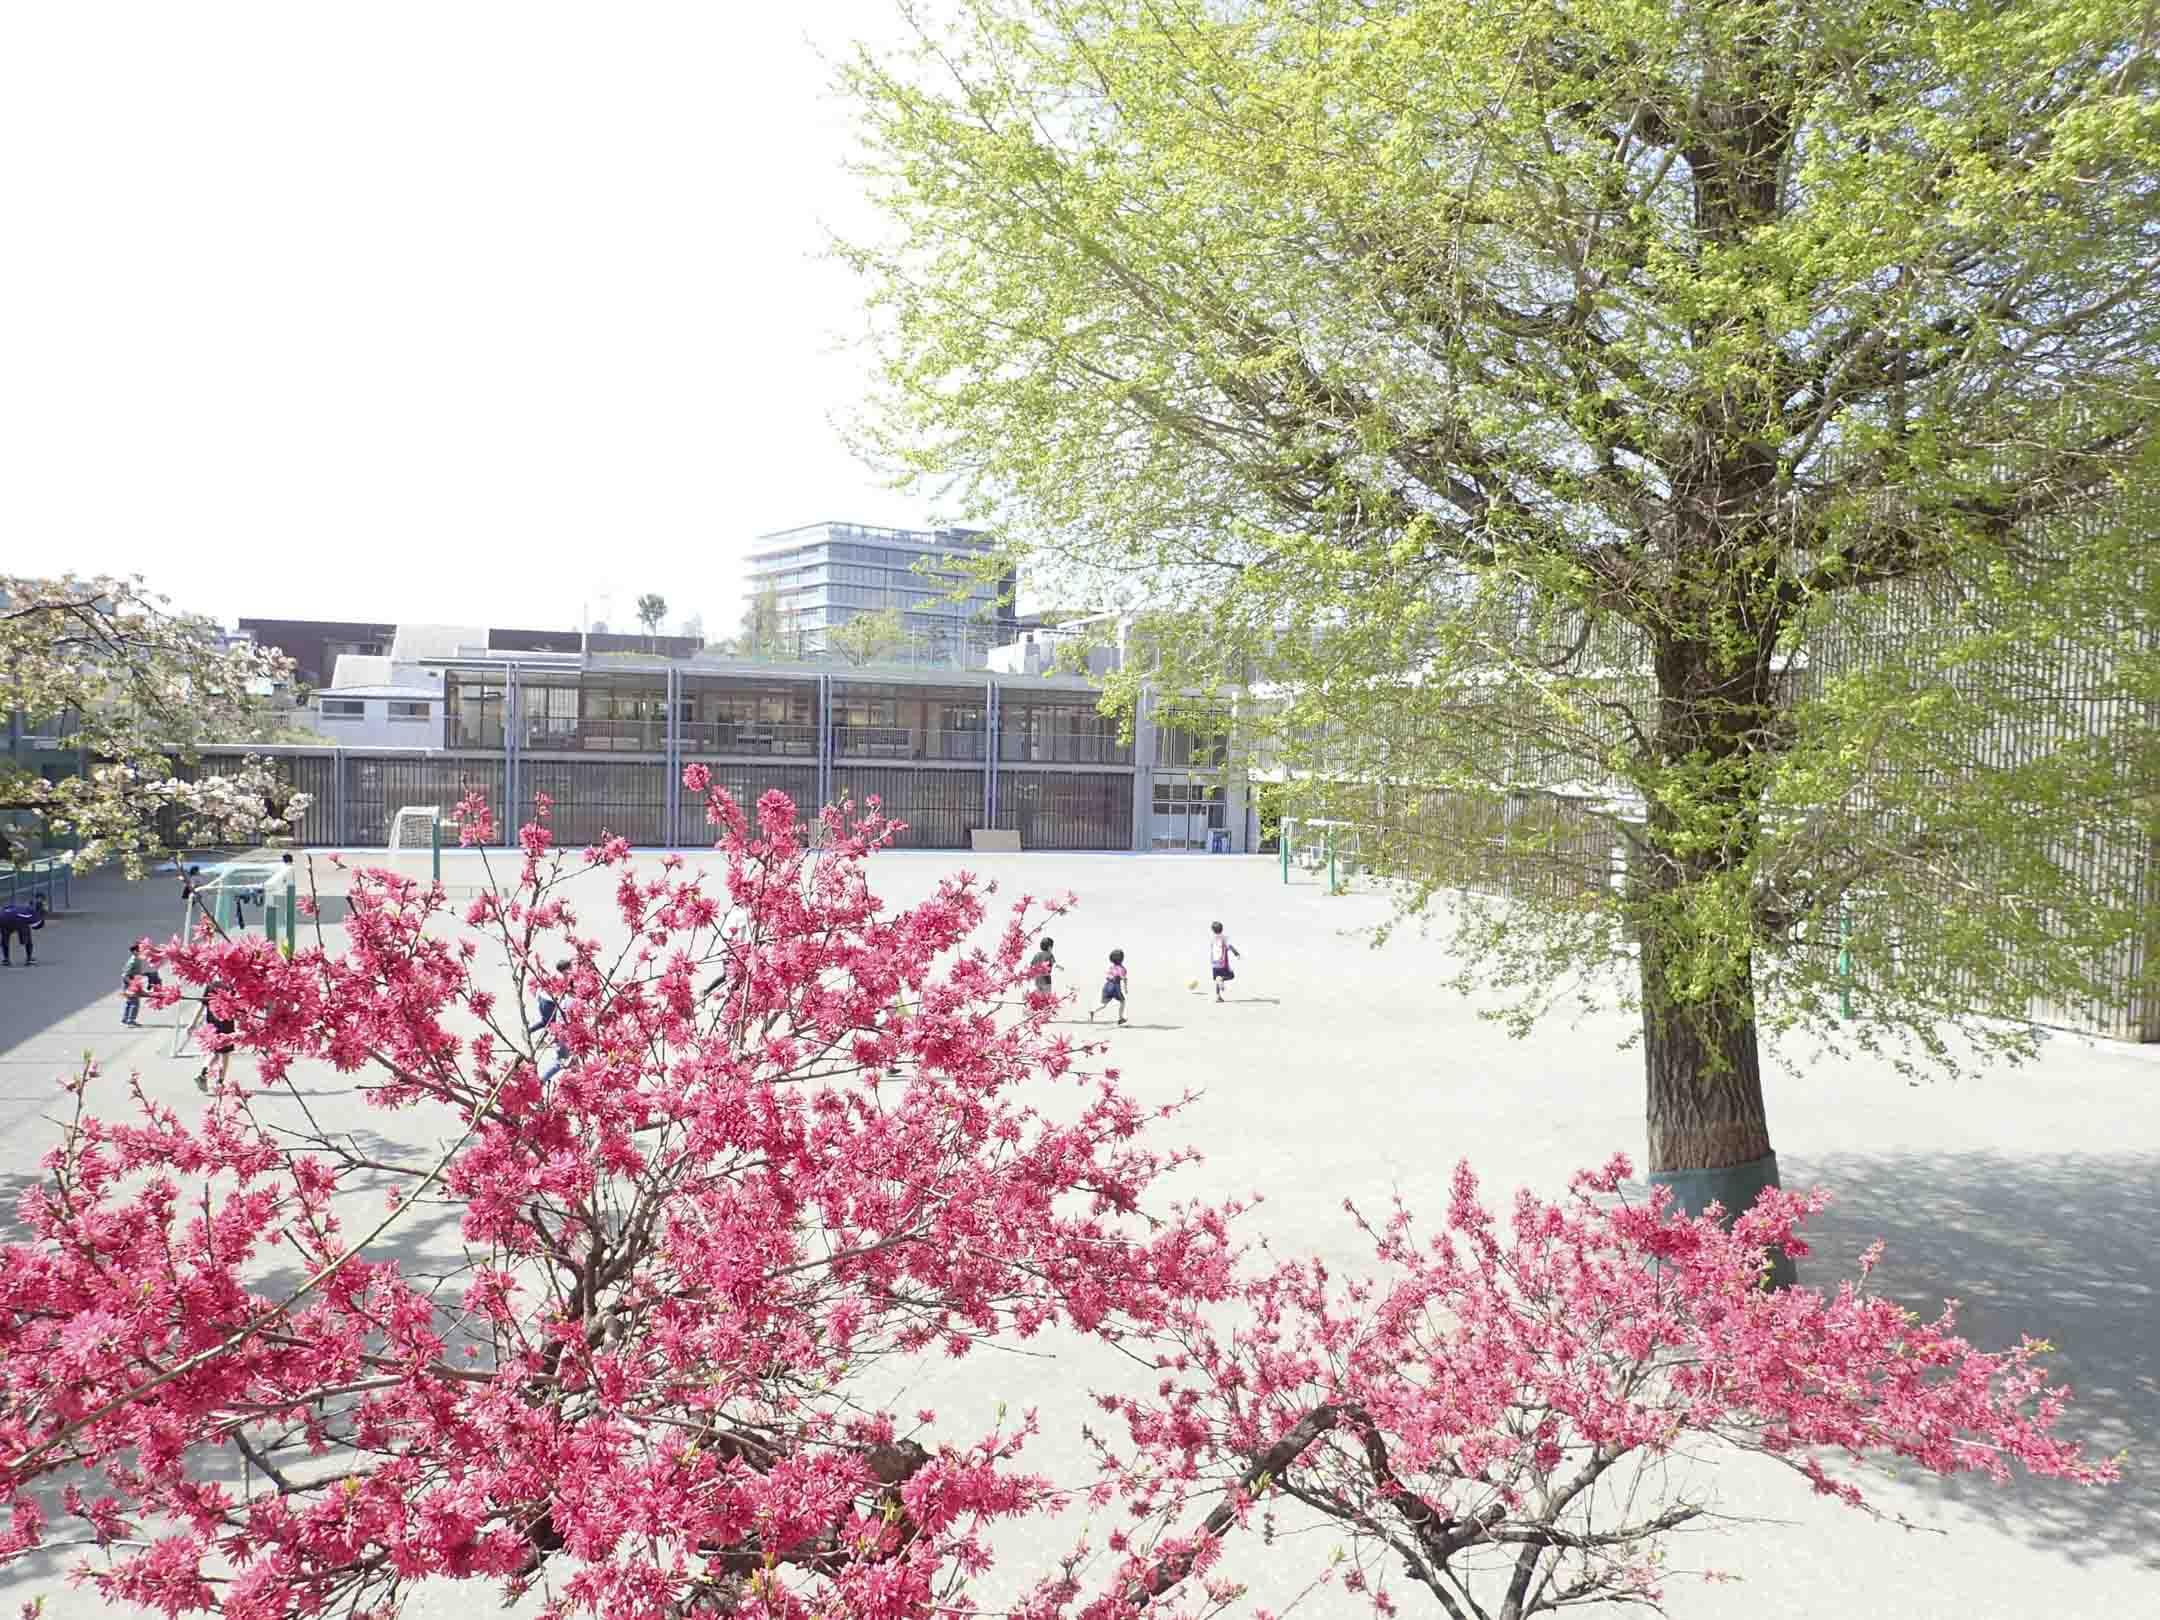 和光小學是創立於1933年的私立小學,獨立於日本文部科學省,不受控於國家制定的教育方針,創立以來始終堅持着「從孩子的願望出發」的教育理念。 圖片來源:和光小學博客